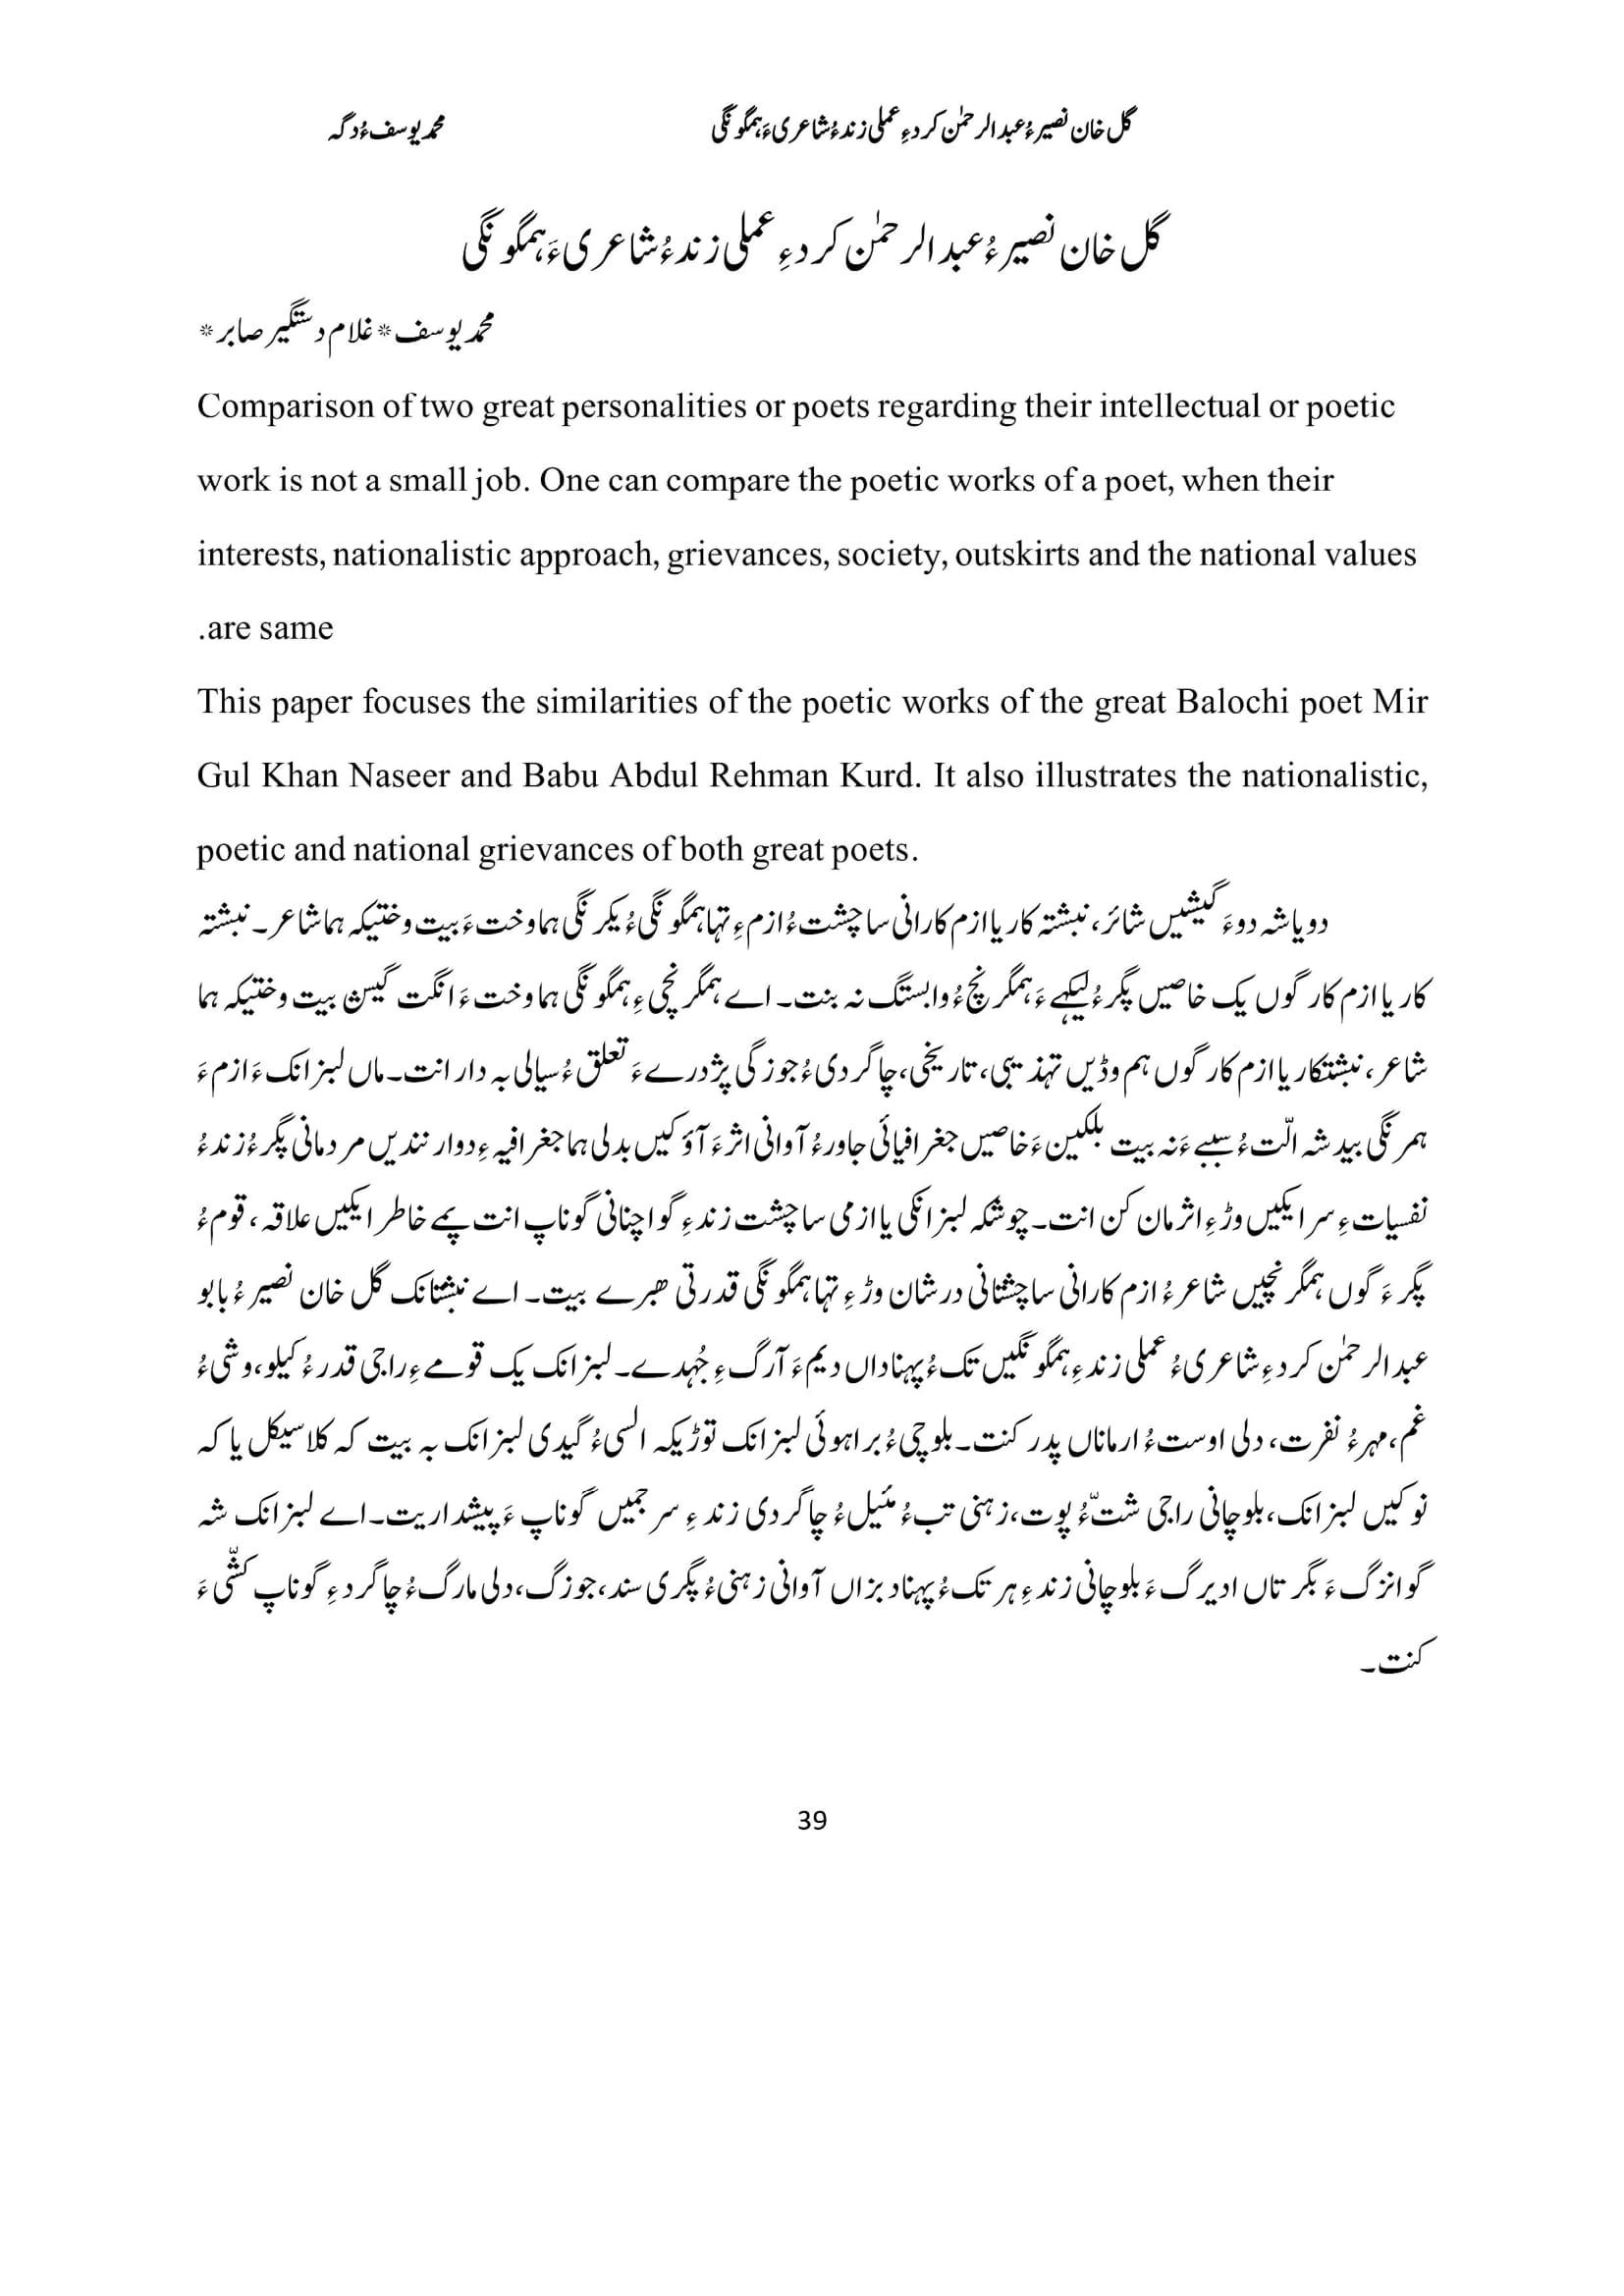 گل خان نصیر ءُ عبدالرحمٰن کرد ءِ عملی زندءُ شاعری ءَ ہمگونگی